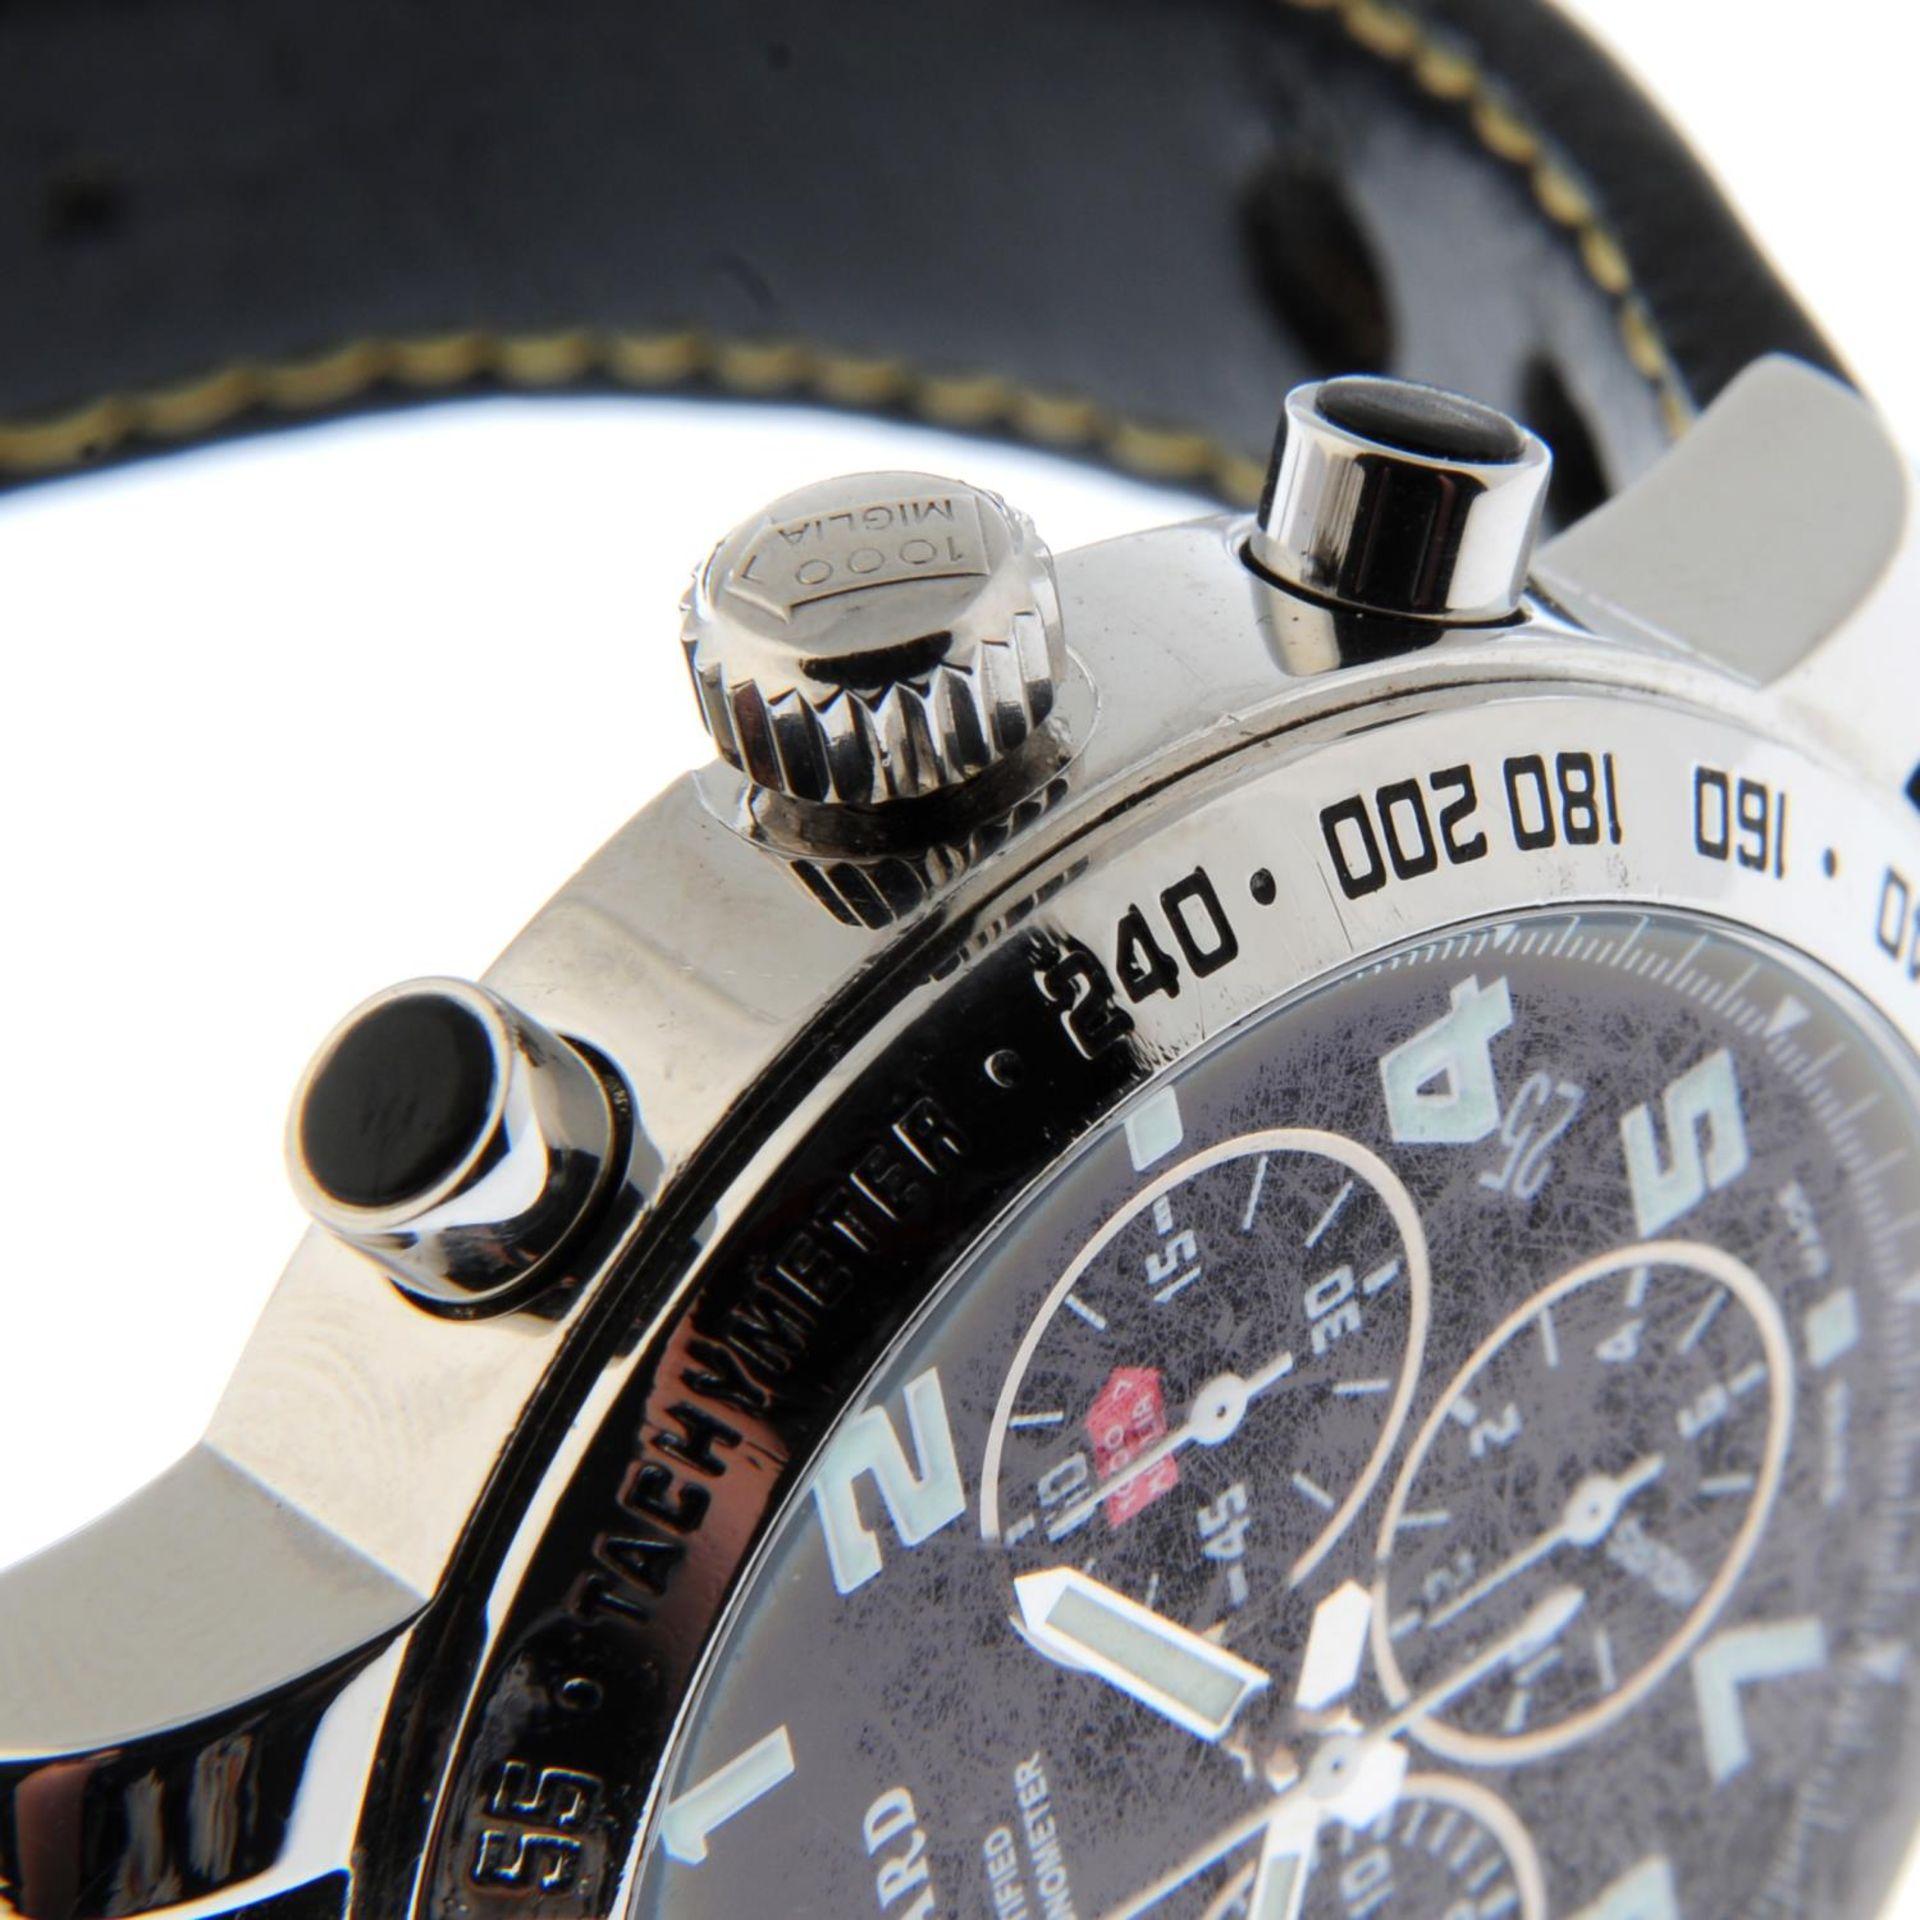 CHOPARD - a Mille Miglia chronograph wrist watch. - Bild 5 aus 6